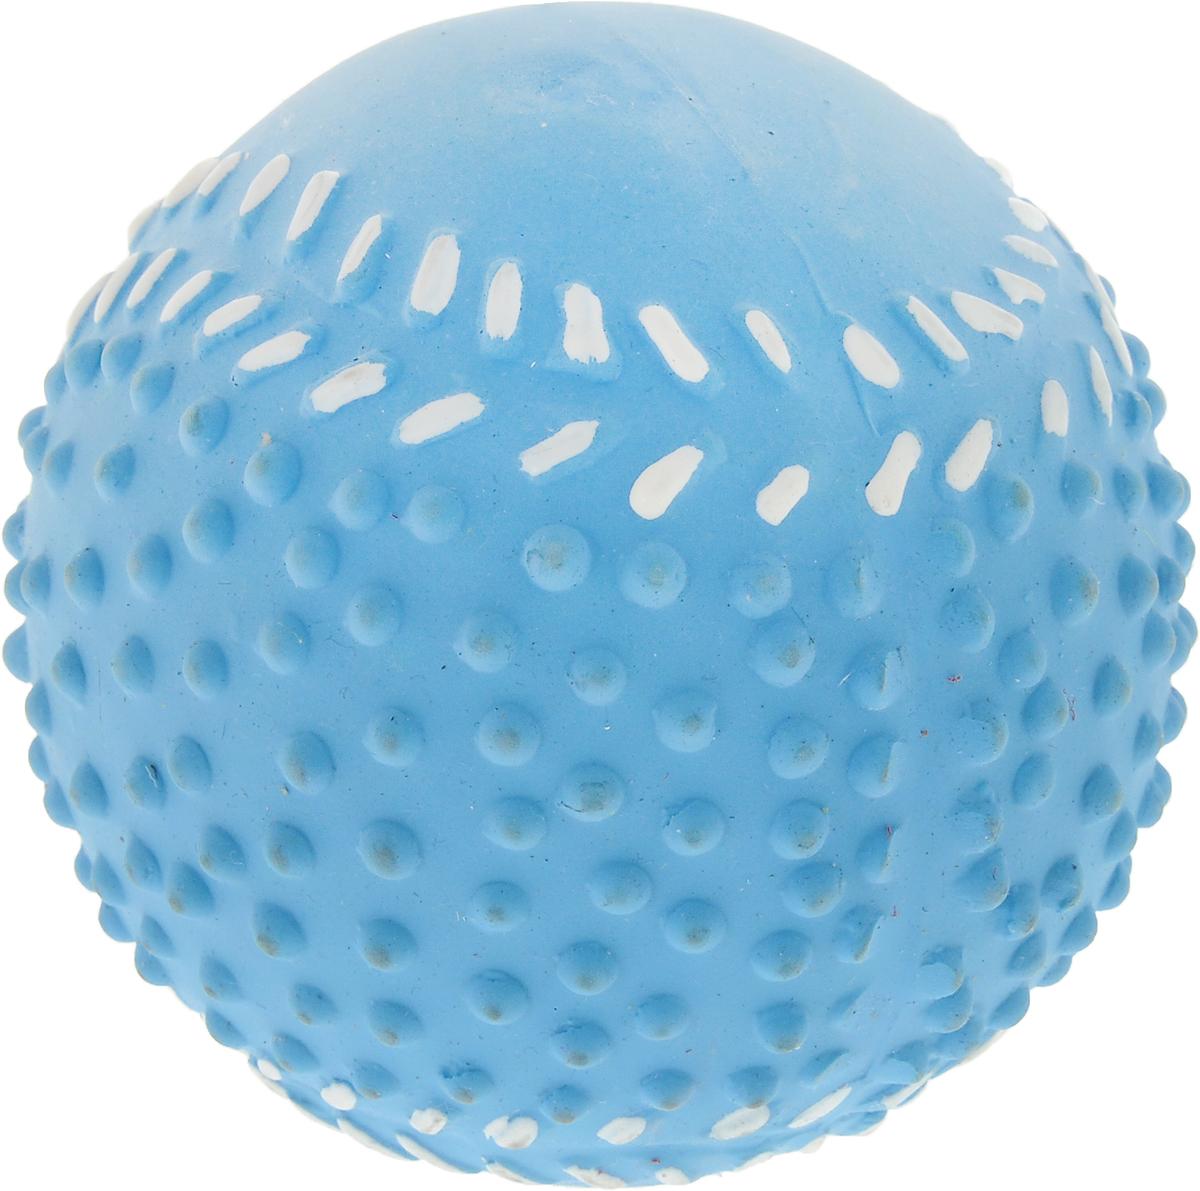 Мяч для собак Camon, цвет: голубой, 9 смA035_голубойИгрушка Camon для собак - это супер прочная, супер безопасная и супер увлекательная игрушка. Мячик при бросании отскакивает по непредсказуемой траектории. Что обеспечивает часы веселья и удовольствия. Запатентованный материал и дополнительные массажные элементы гарантируют, что ваша собака будет наслаждаться игрой с мячом в течение длительного времени.Очень прочный.Непредсказуемый отскок.Средний размер для собак весом от 6 до 15 кг.Мячик плавает.